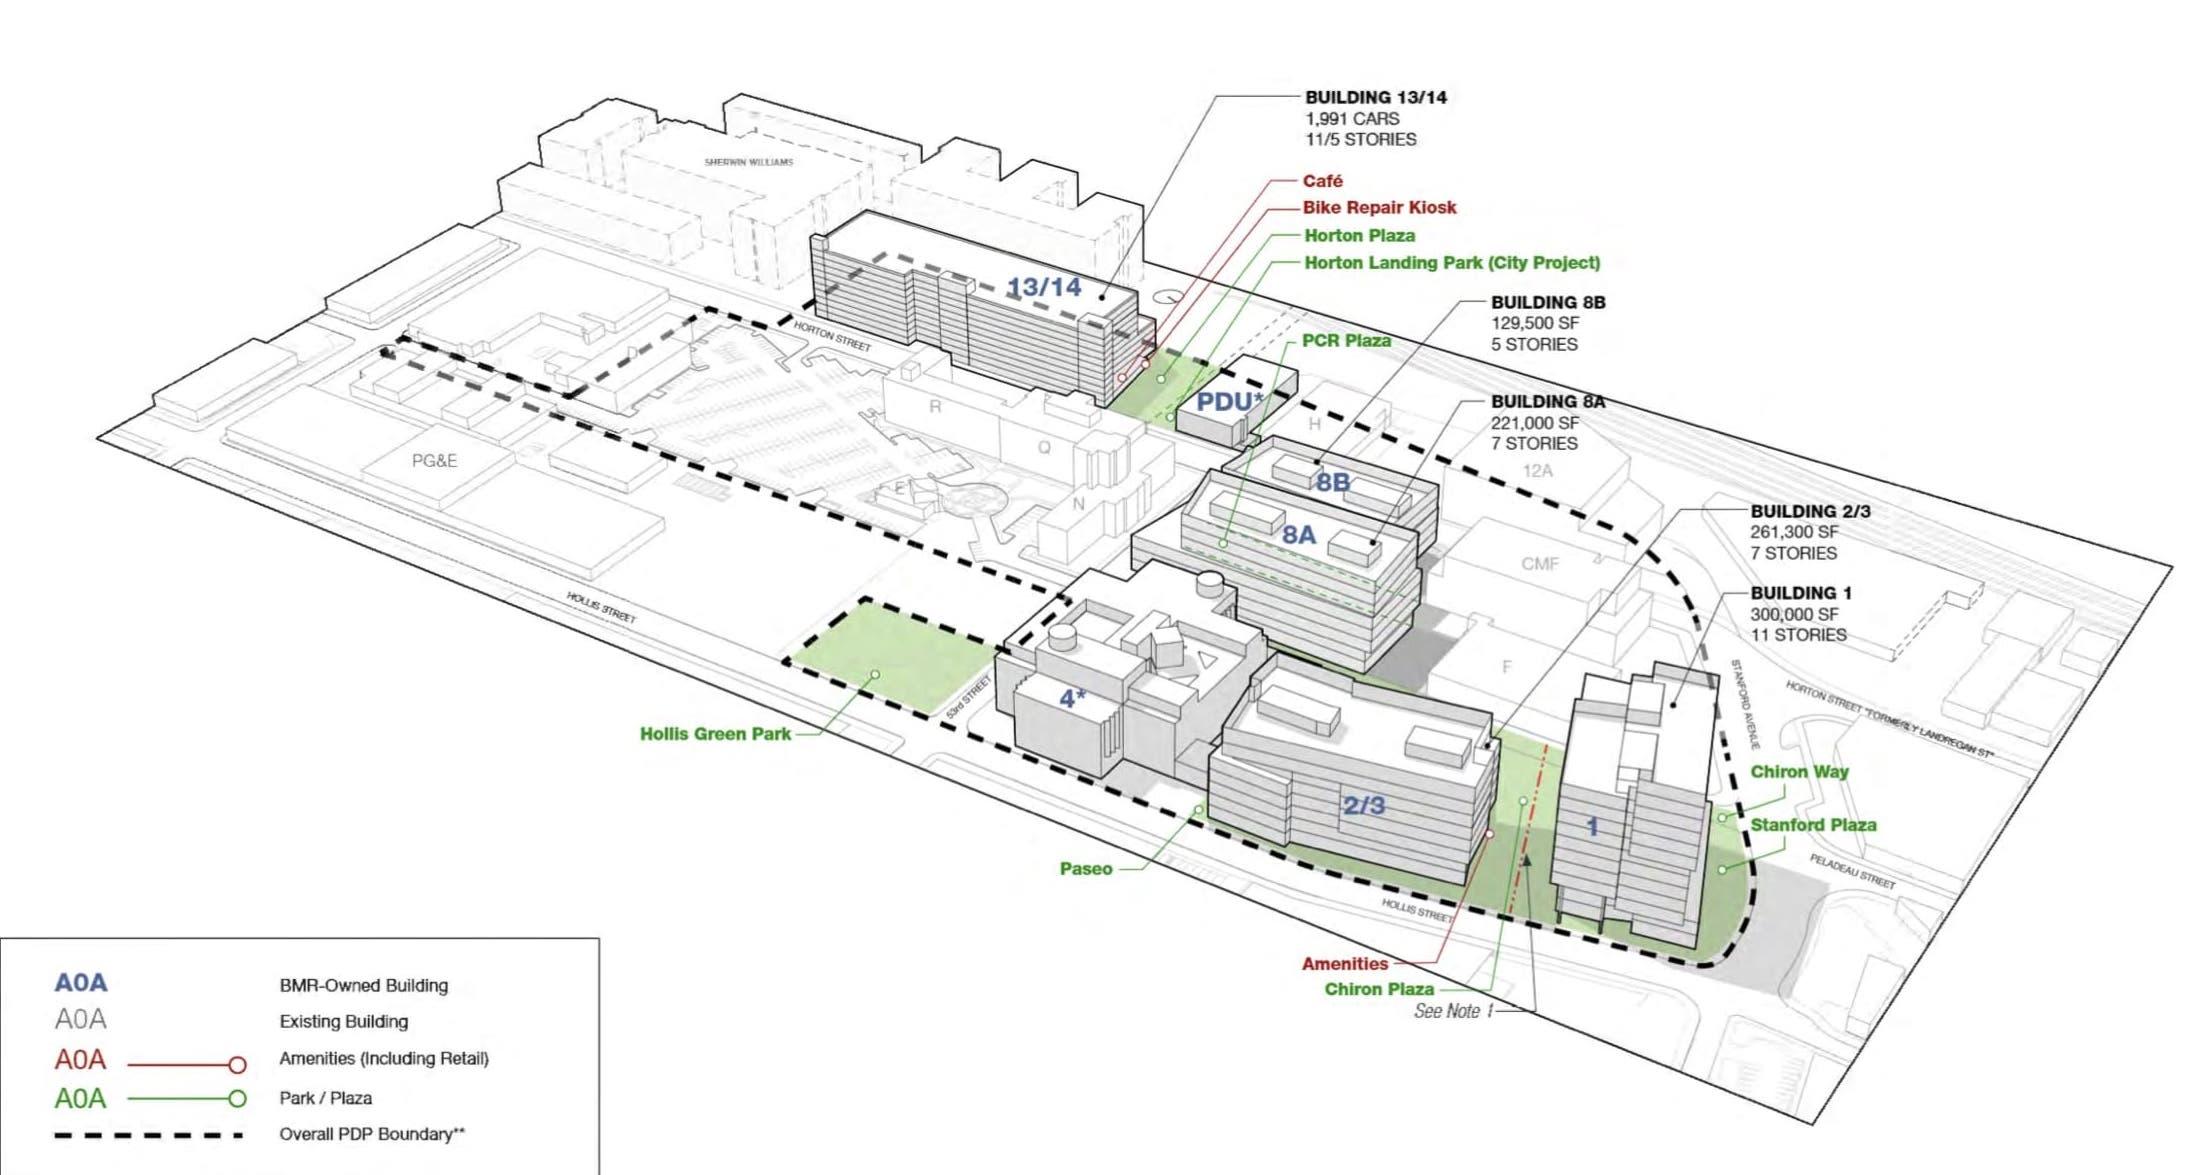 BioMed Center of Innovation Massing Diagram